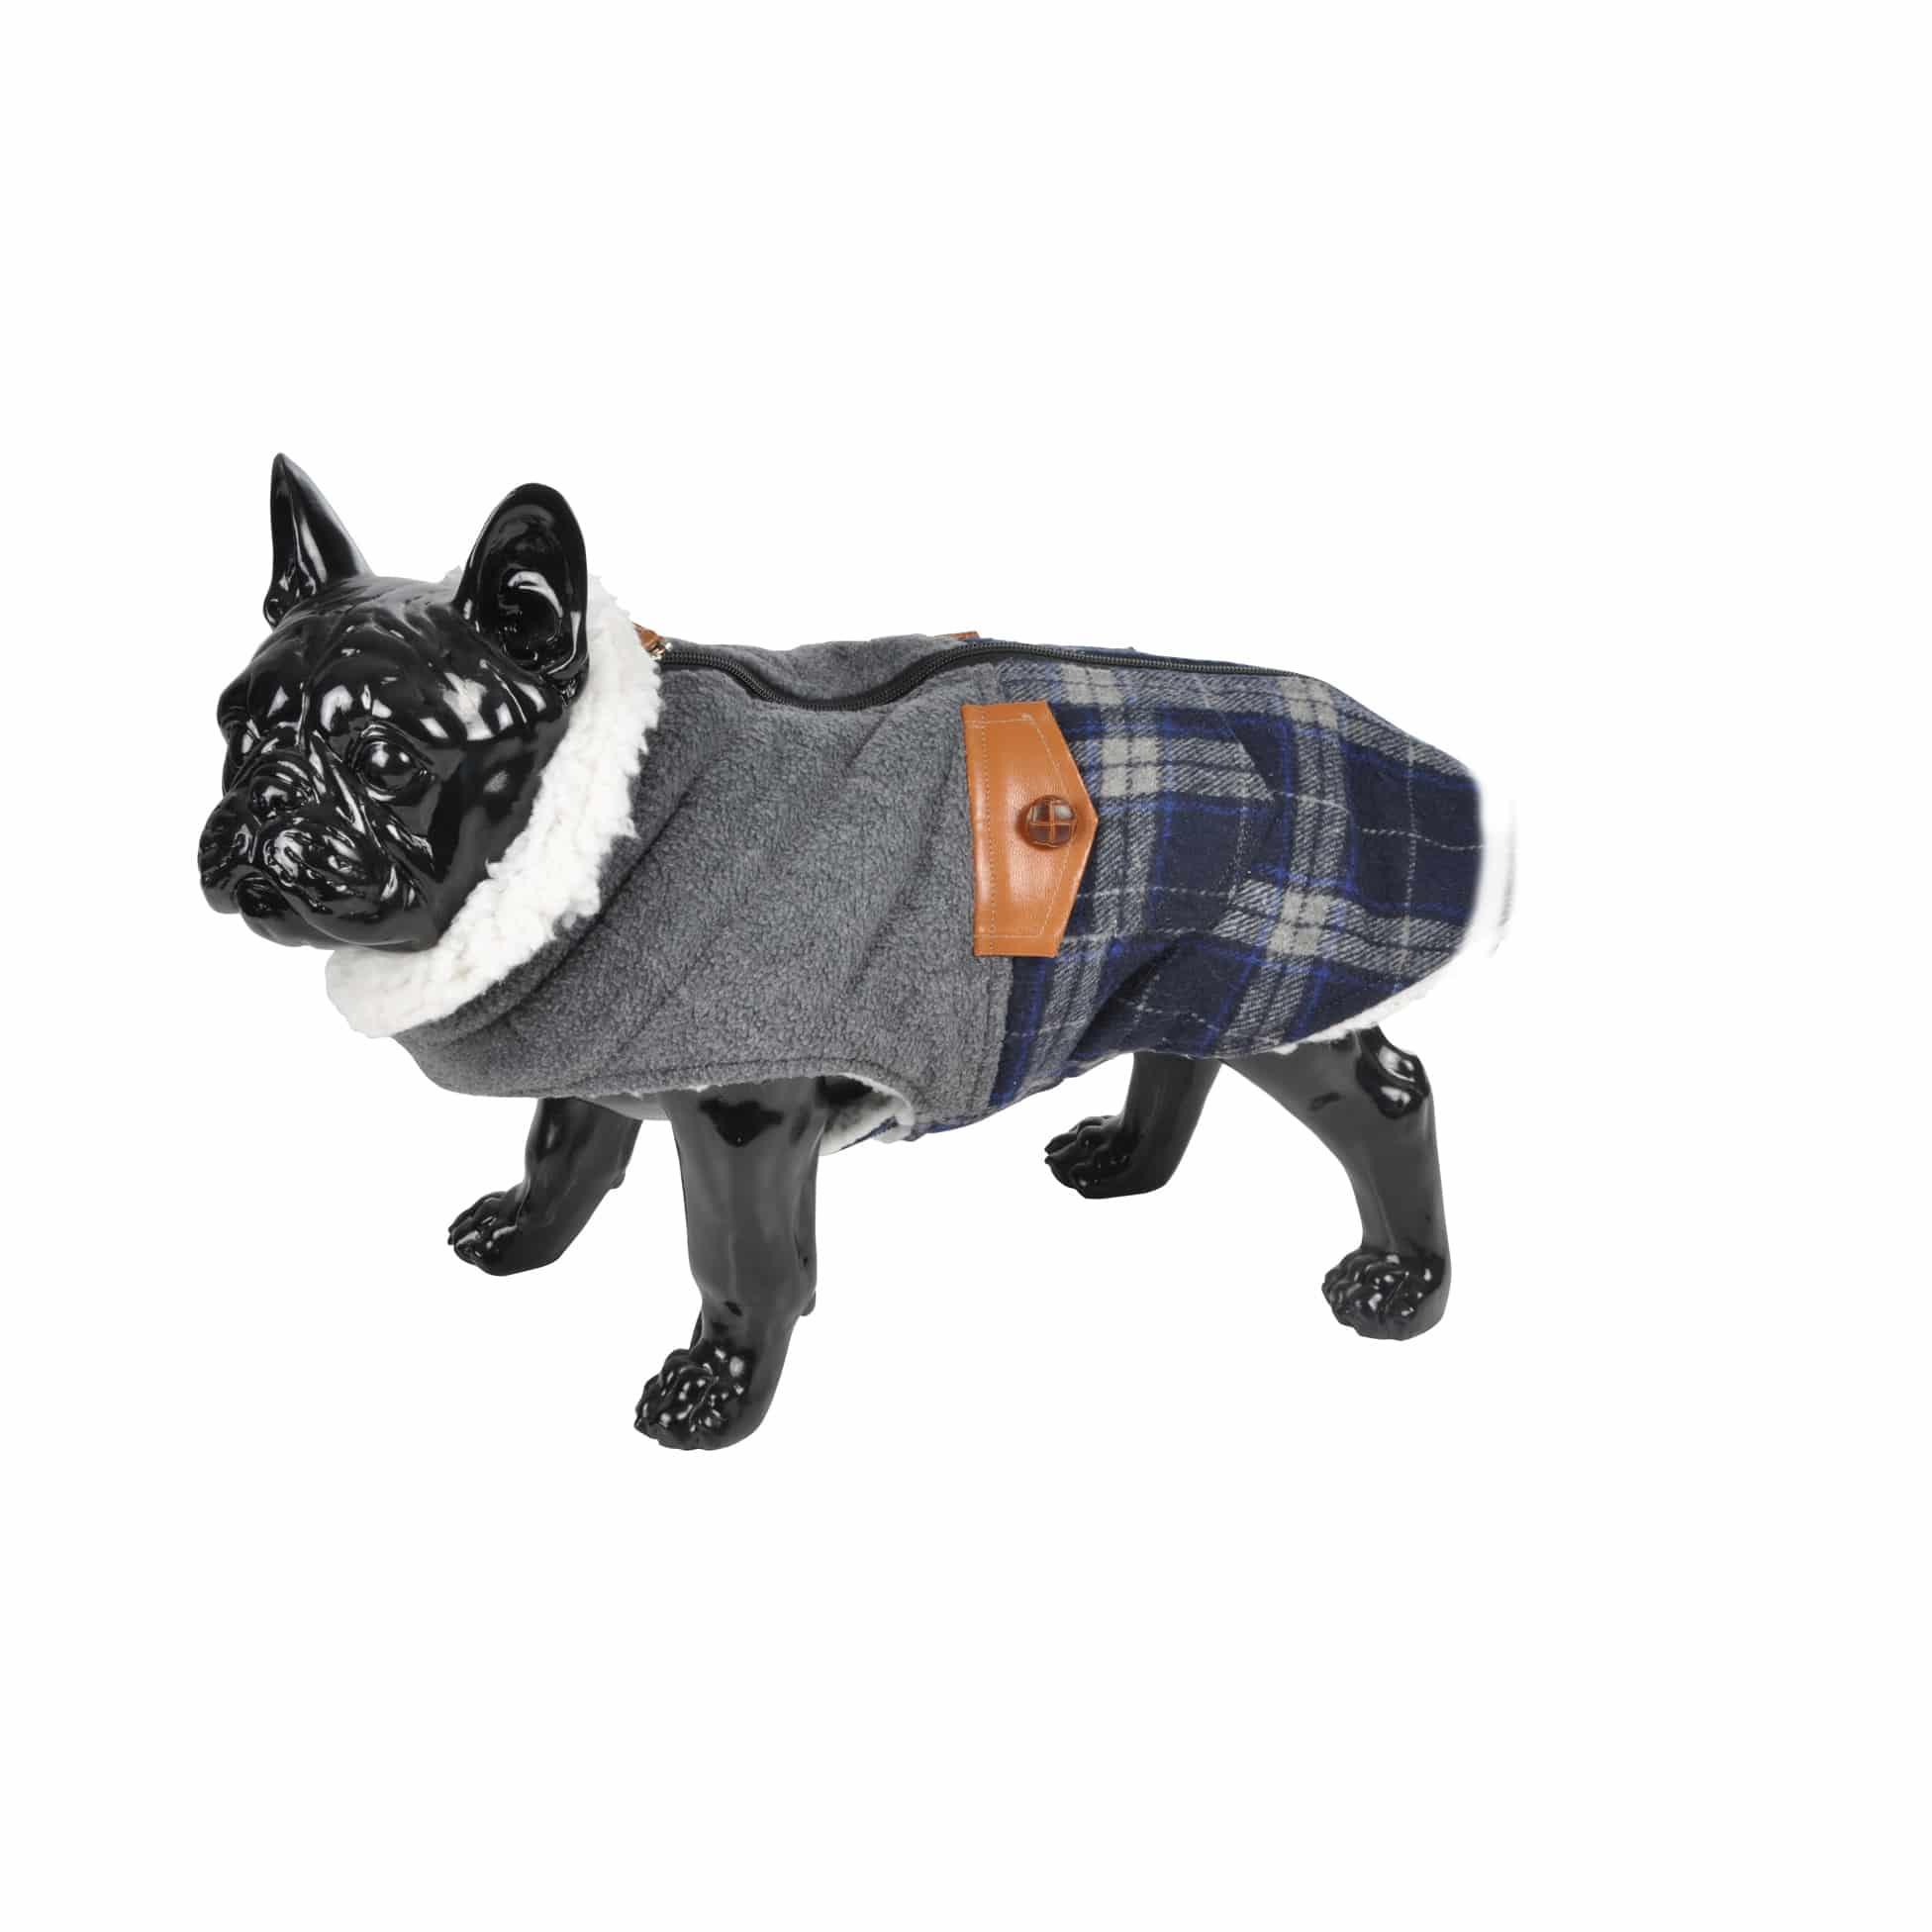 4Goodz warme geruiten winter hondenjas van fleece 40 cm - Blauw